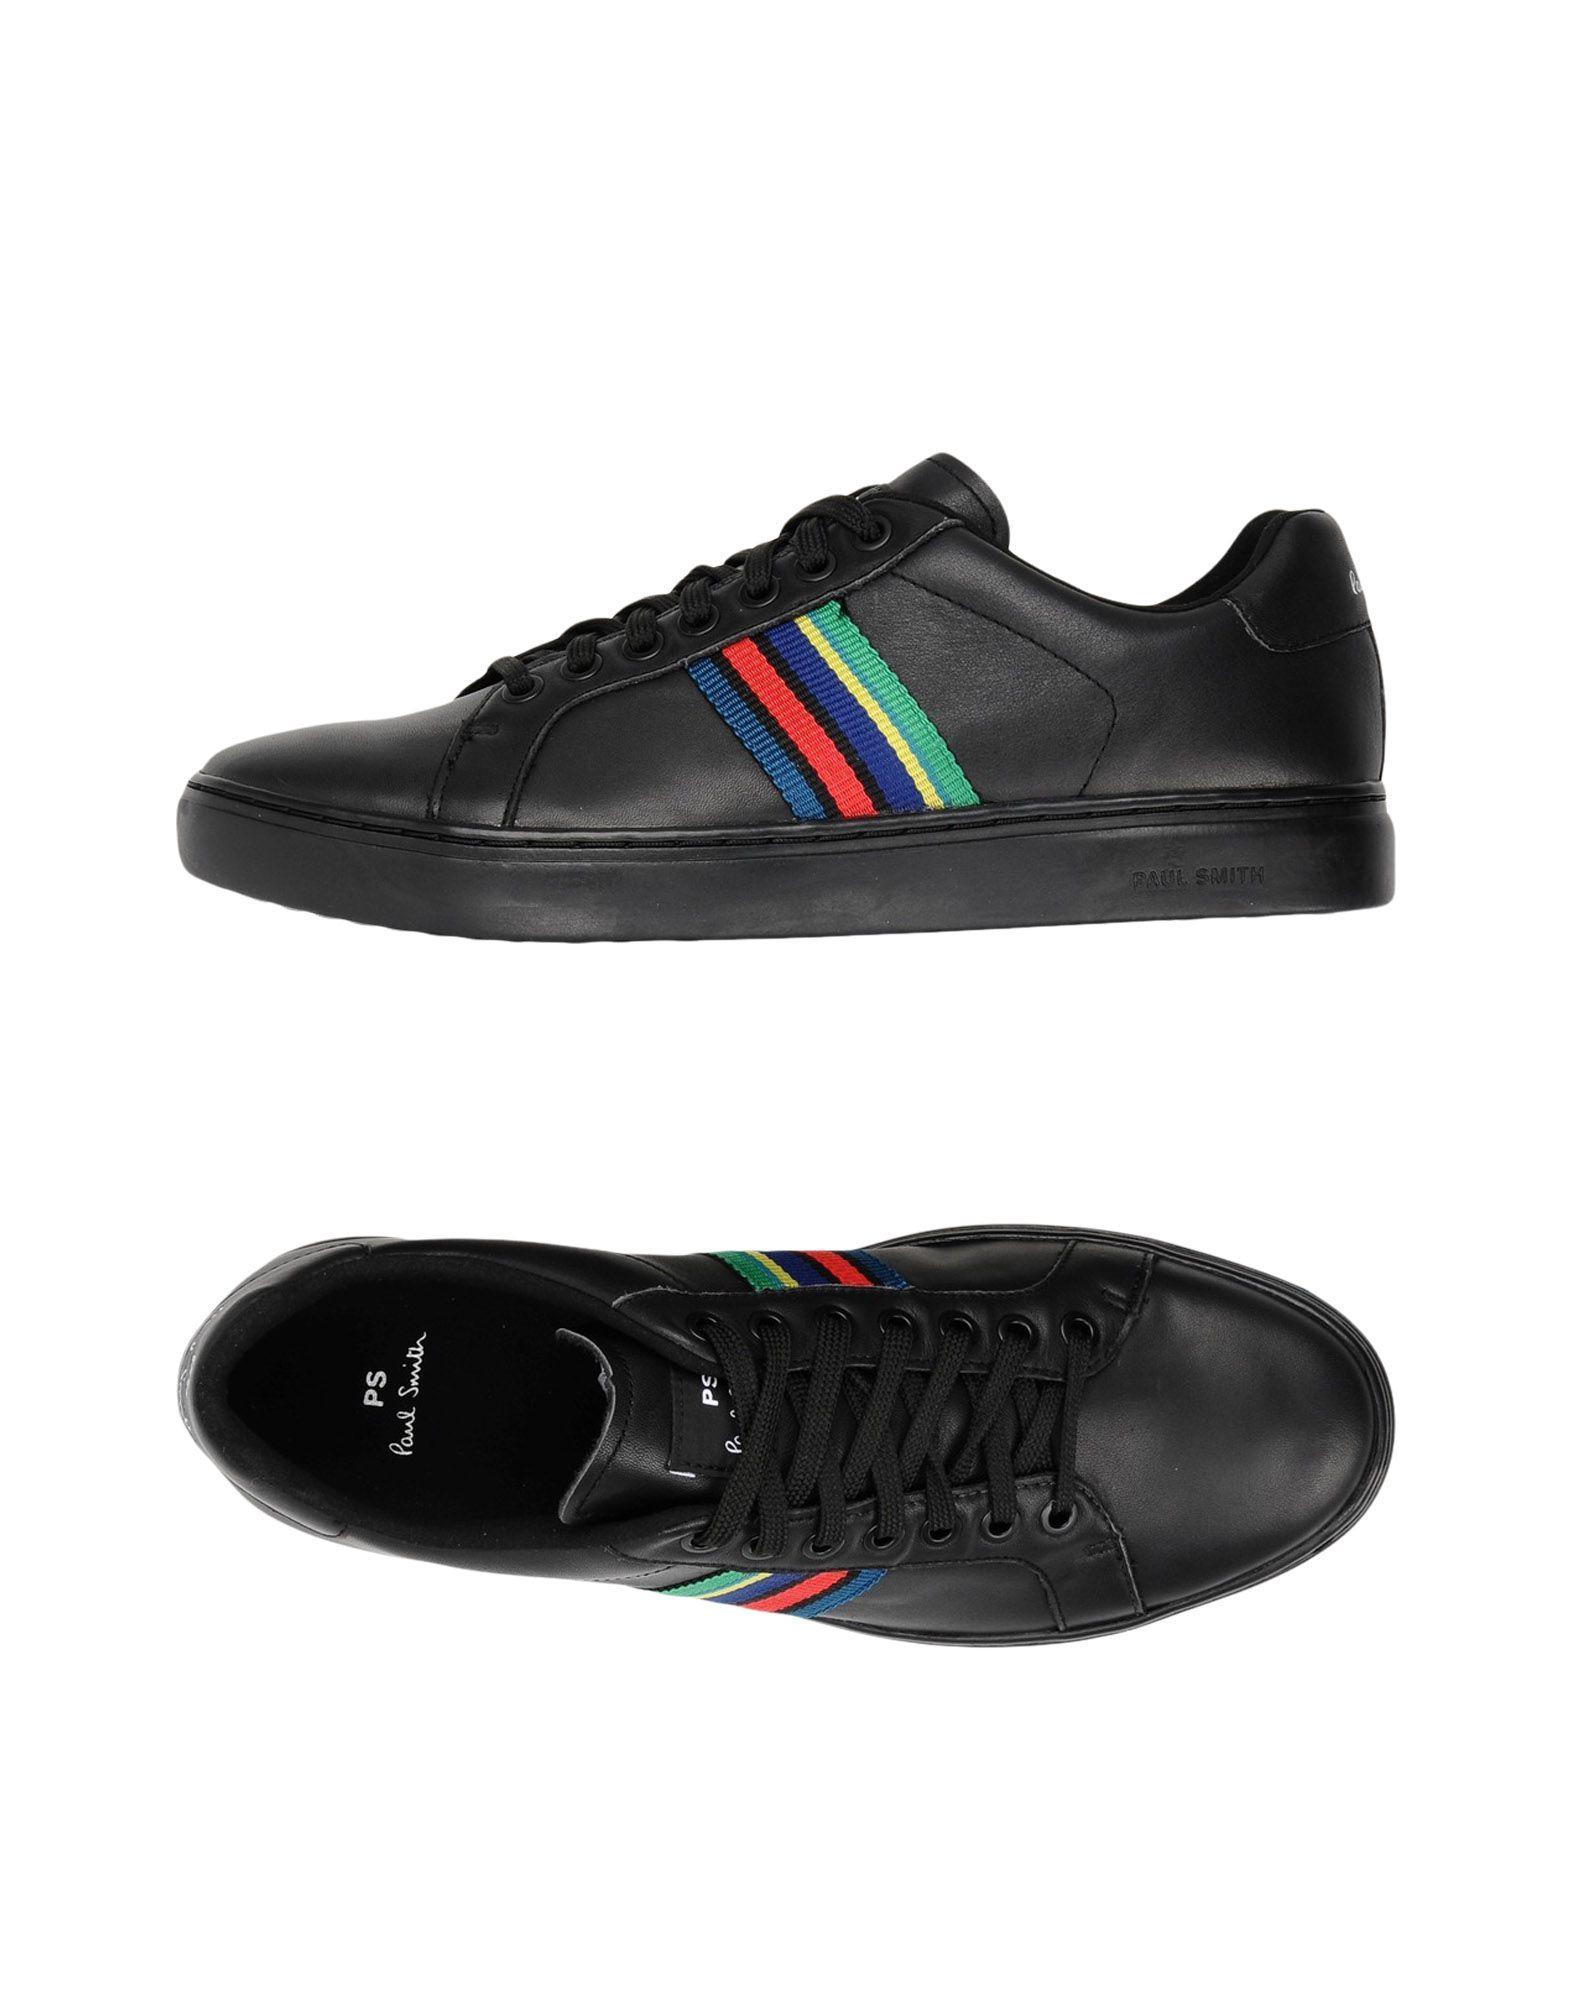 huge discount best sell elegant shape Sneakers in 79